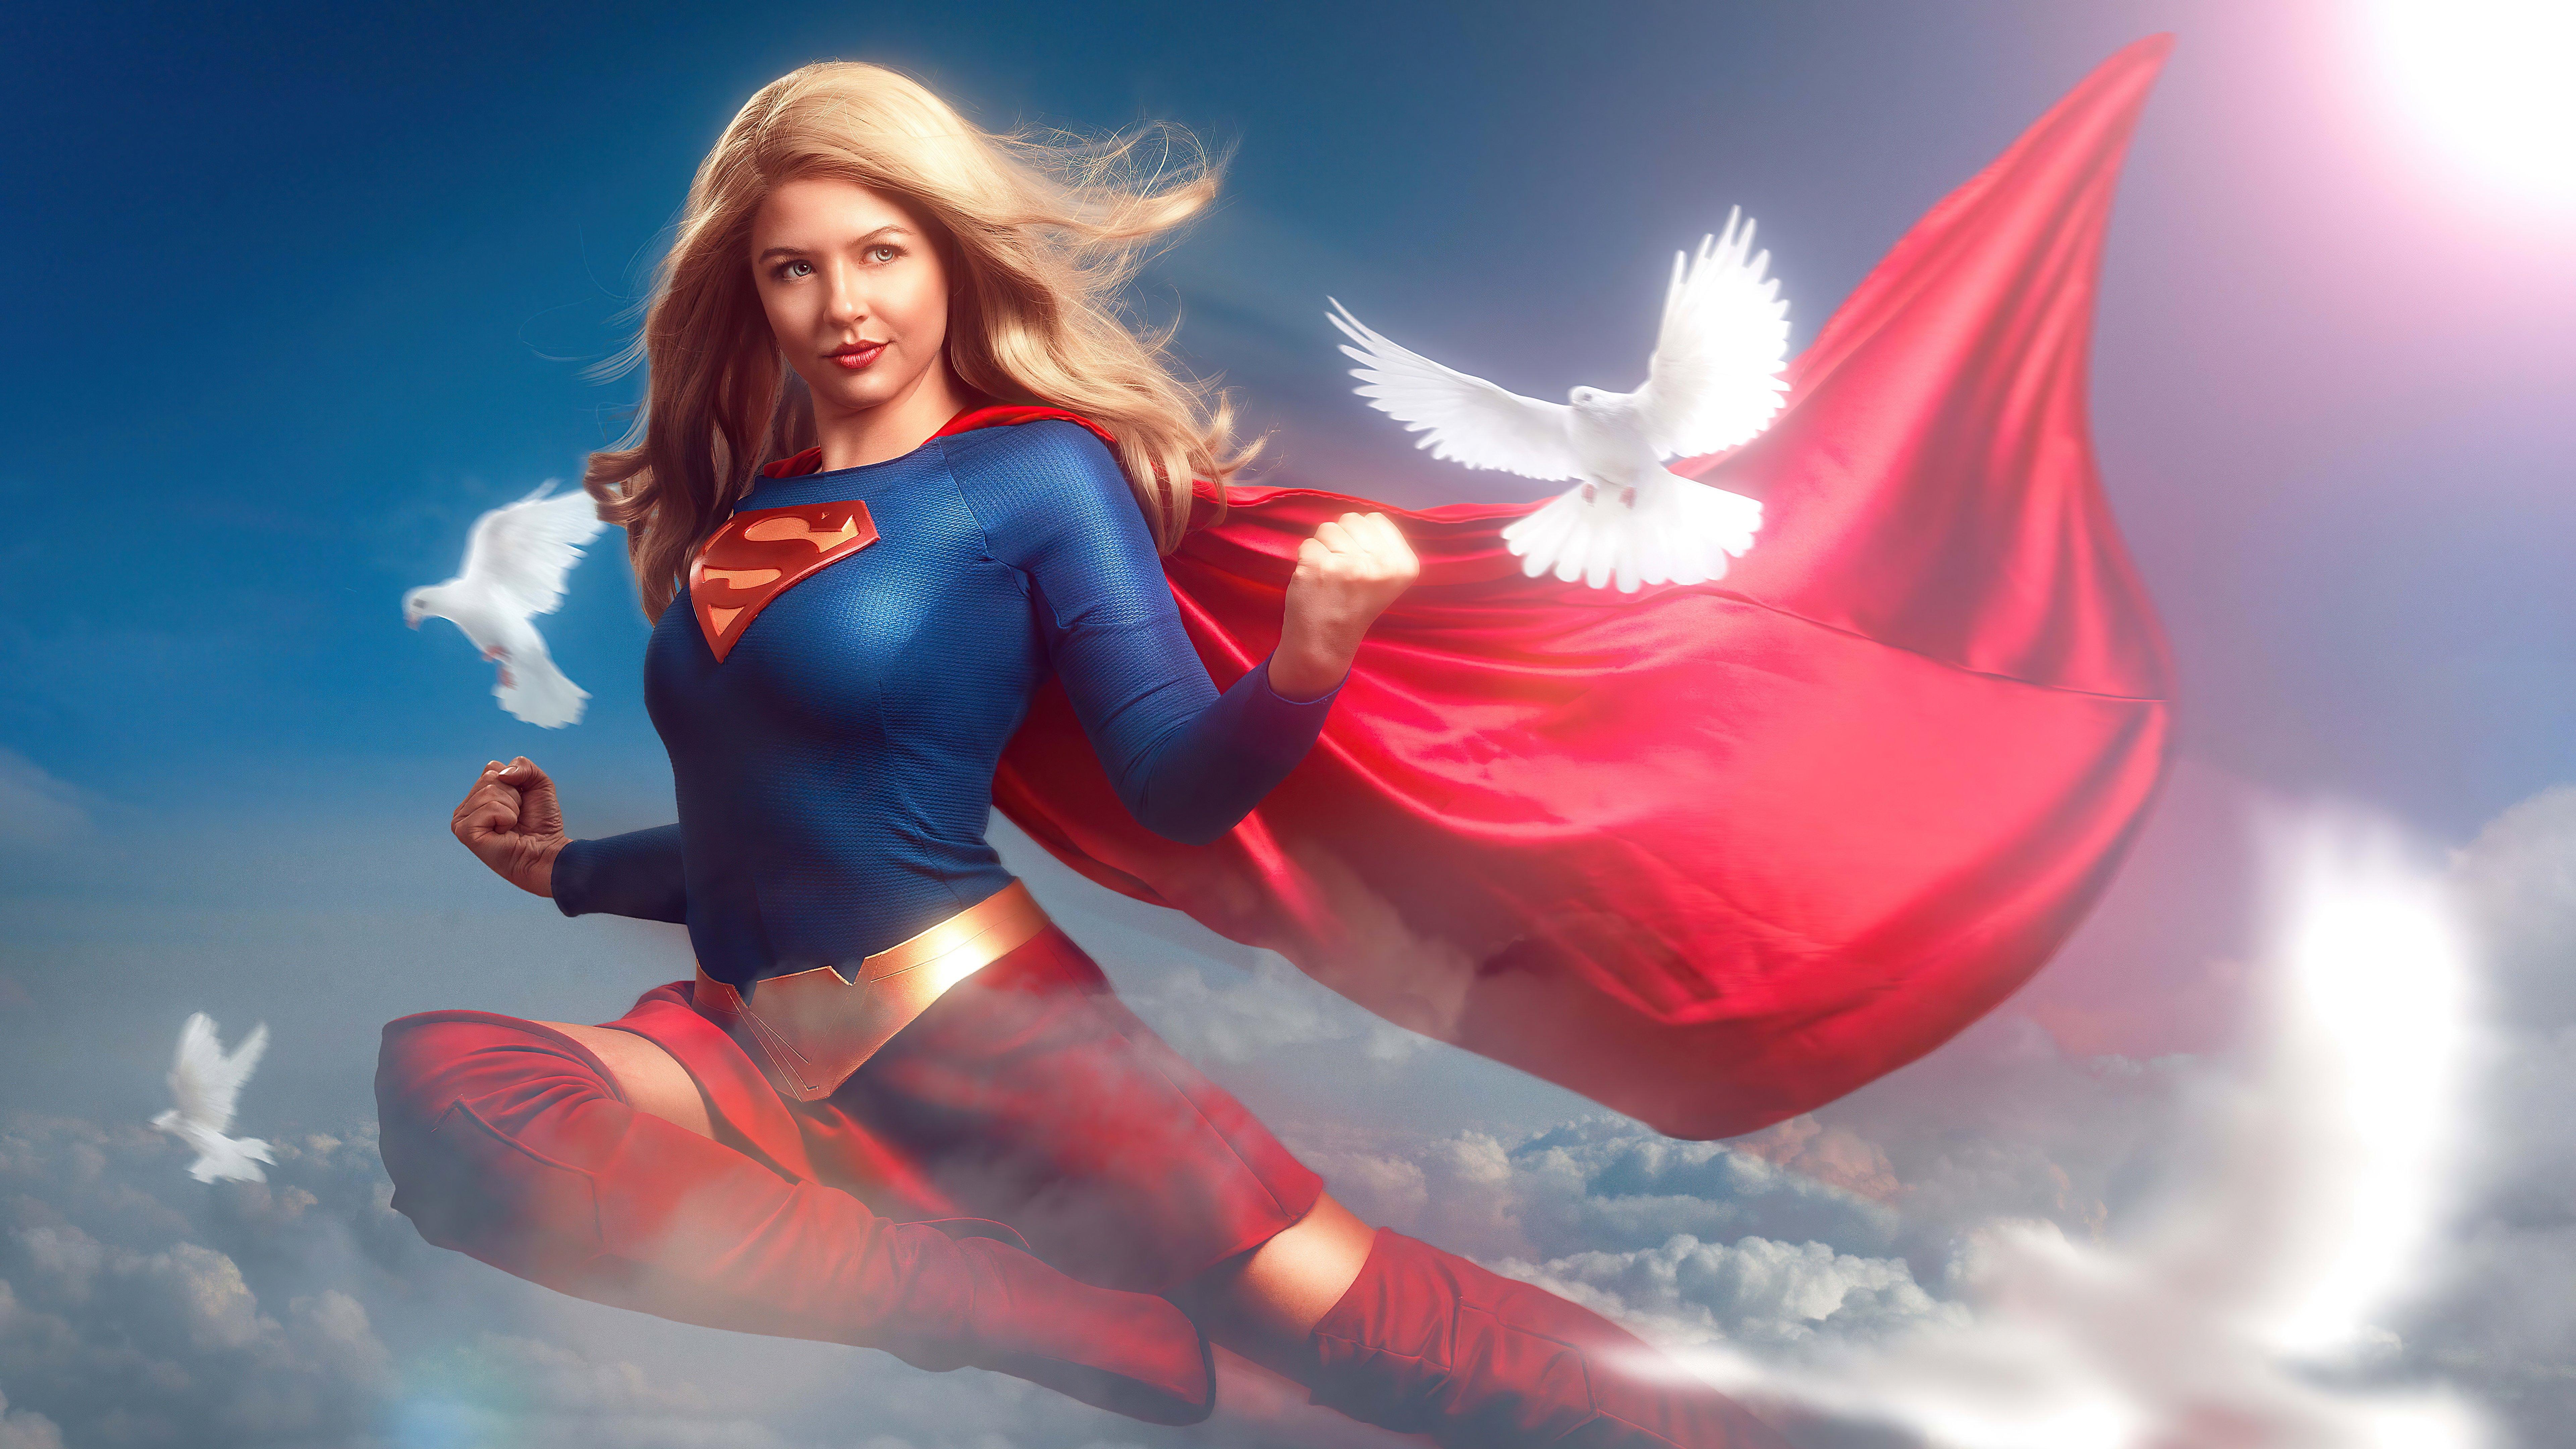 Fondos de pantalla Supergirl y palomas blancas Fanart